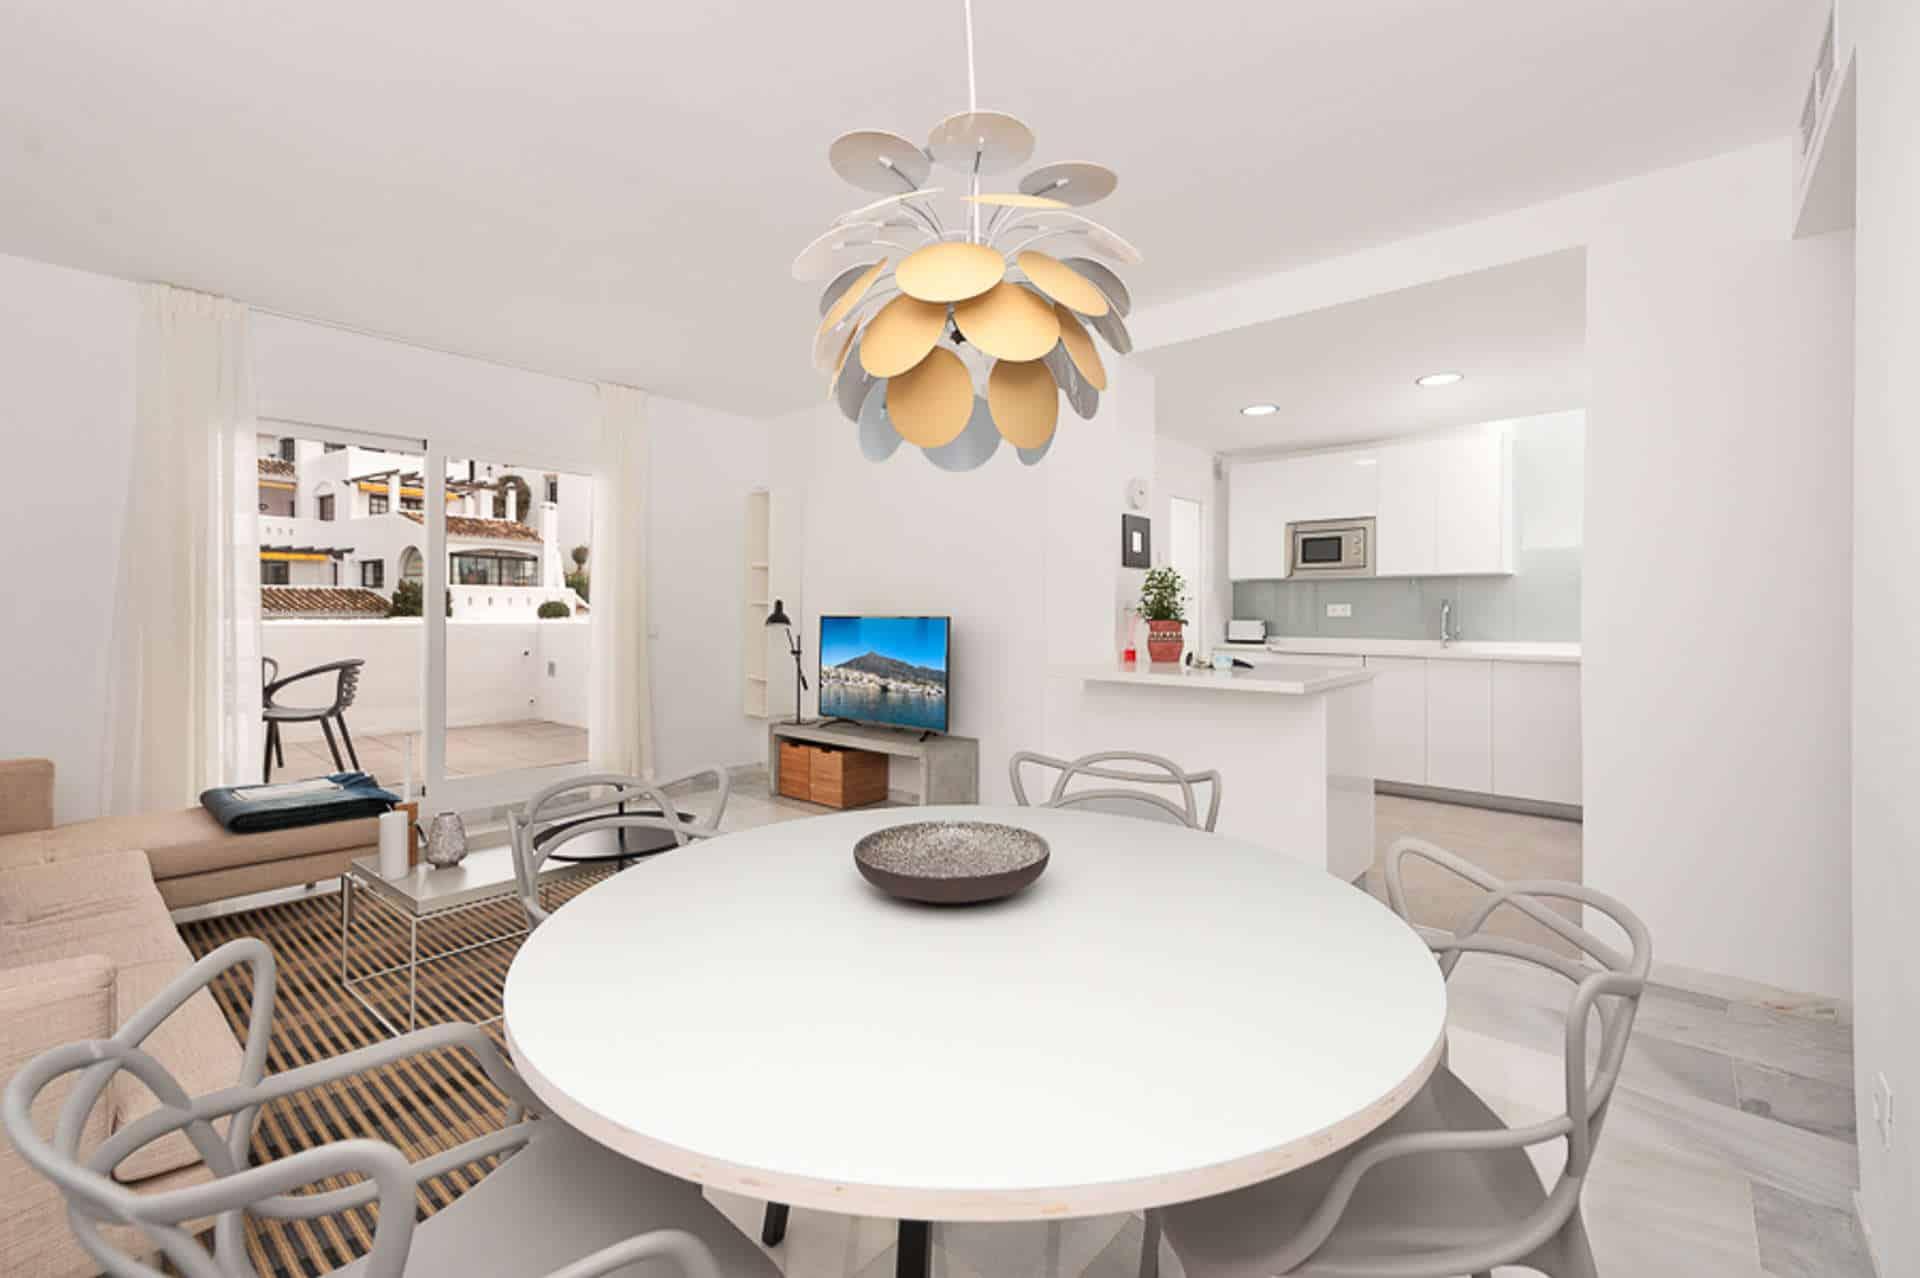 Appartement / studio in het hart van Nueva Andalucia